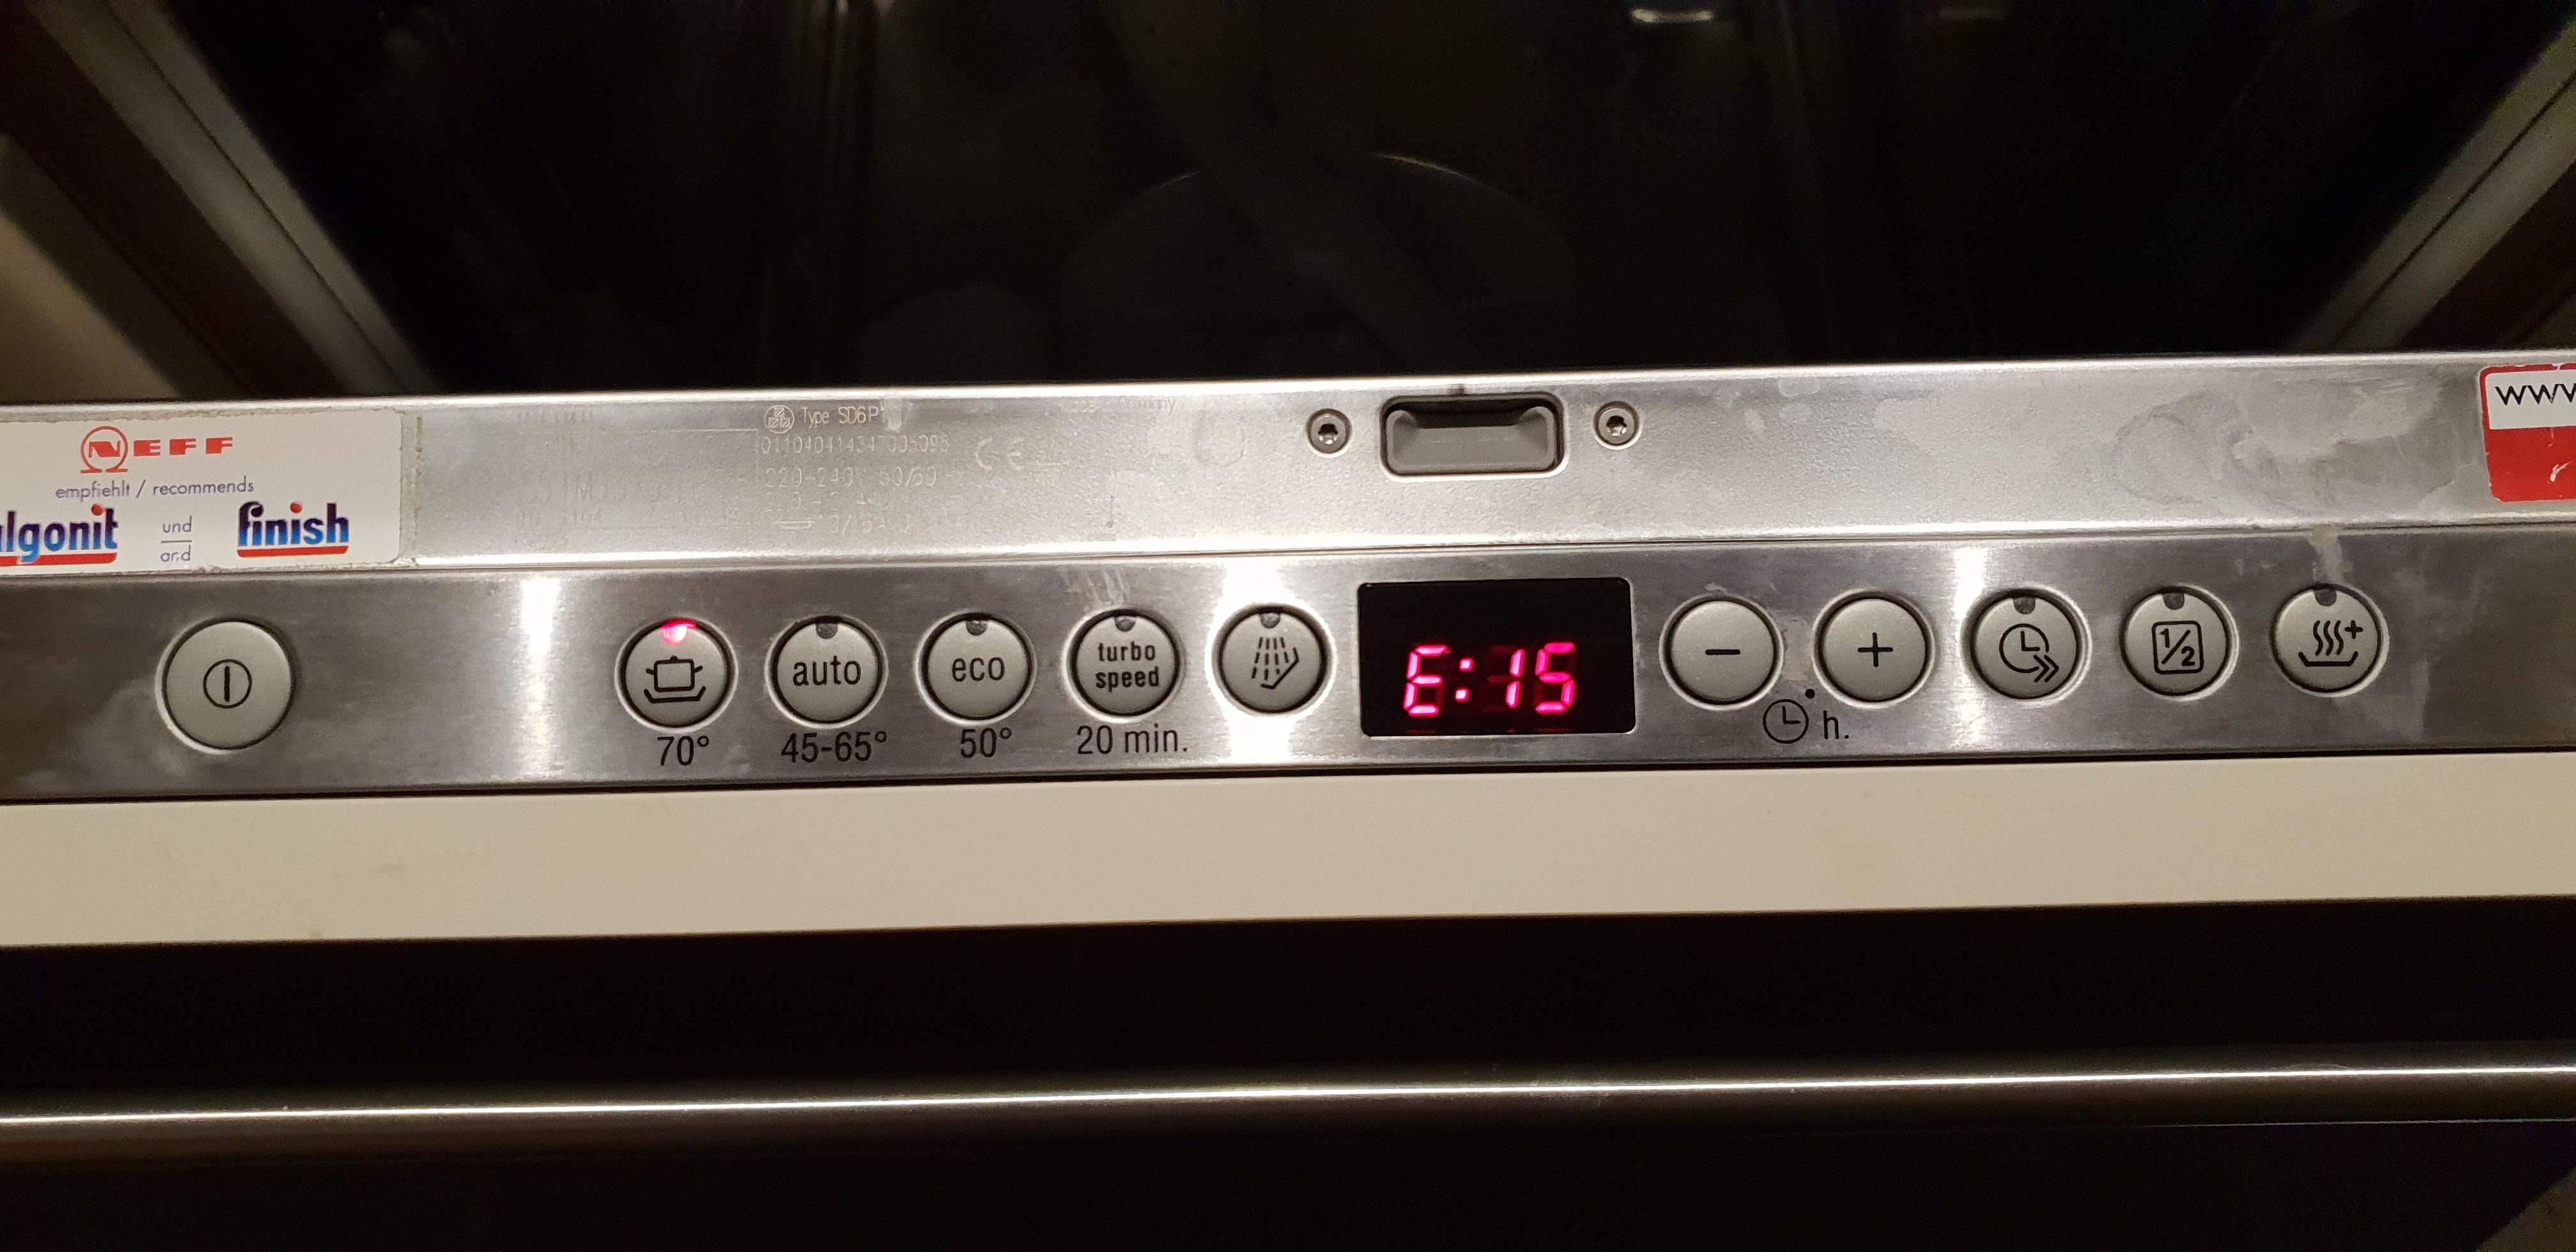 Spülmaschine symbole bedeutung Spülmaschine